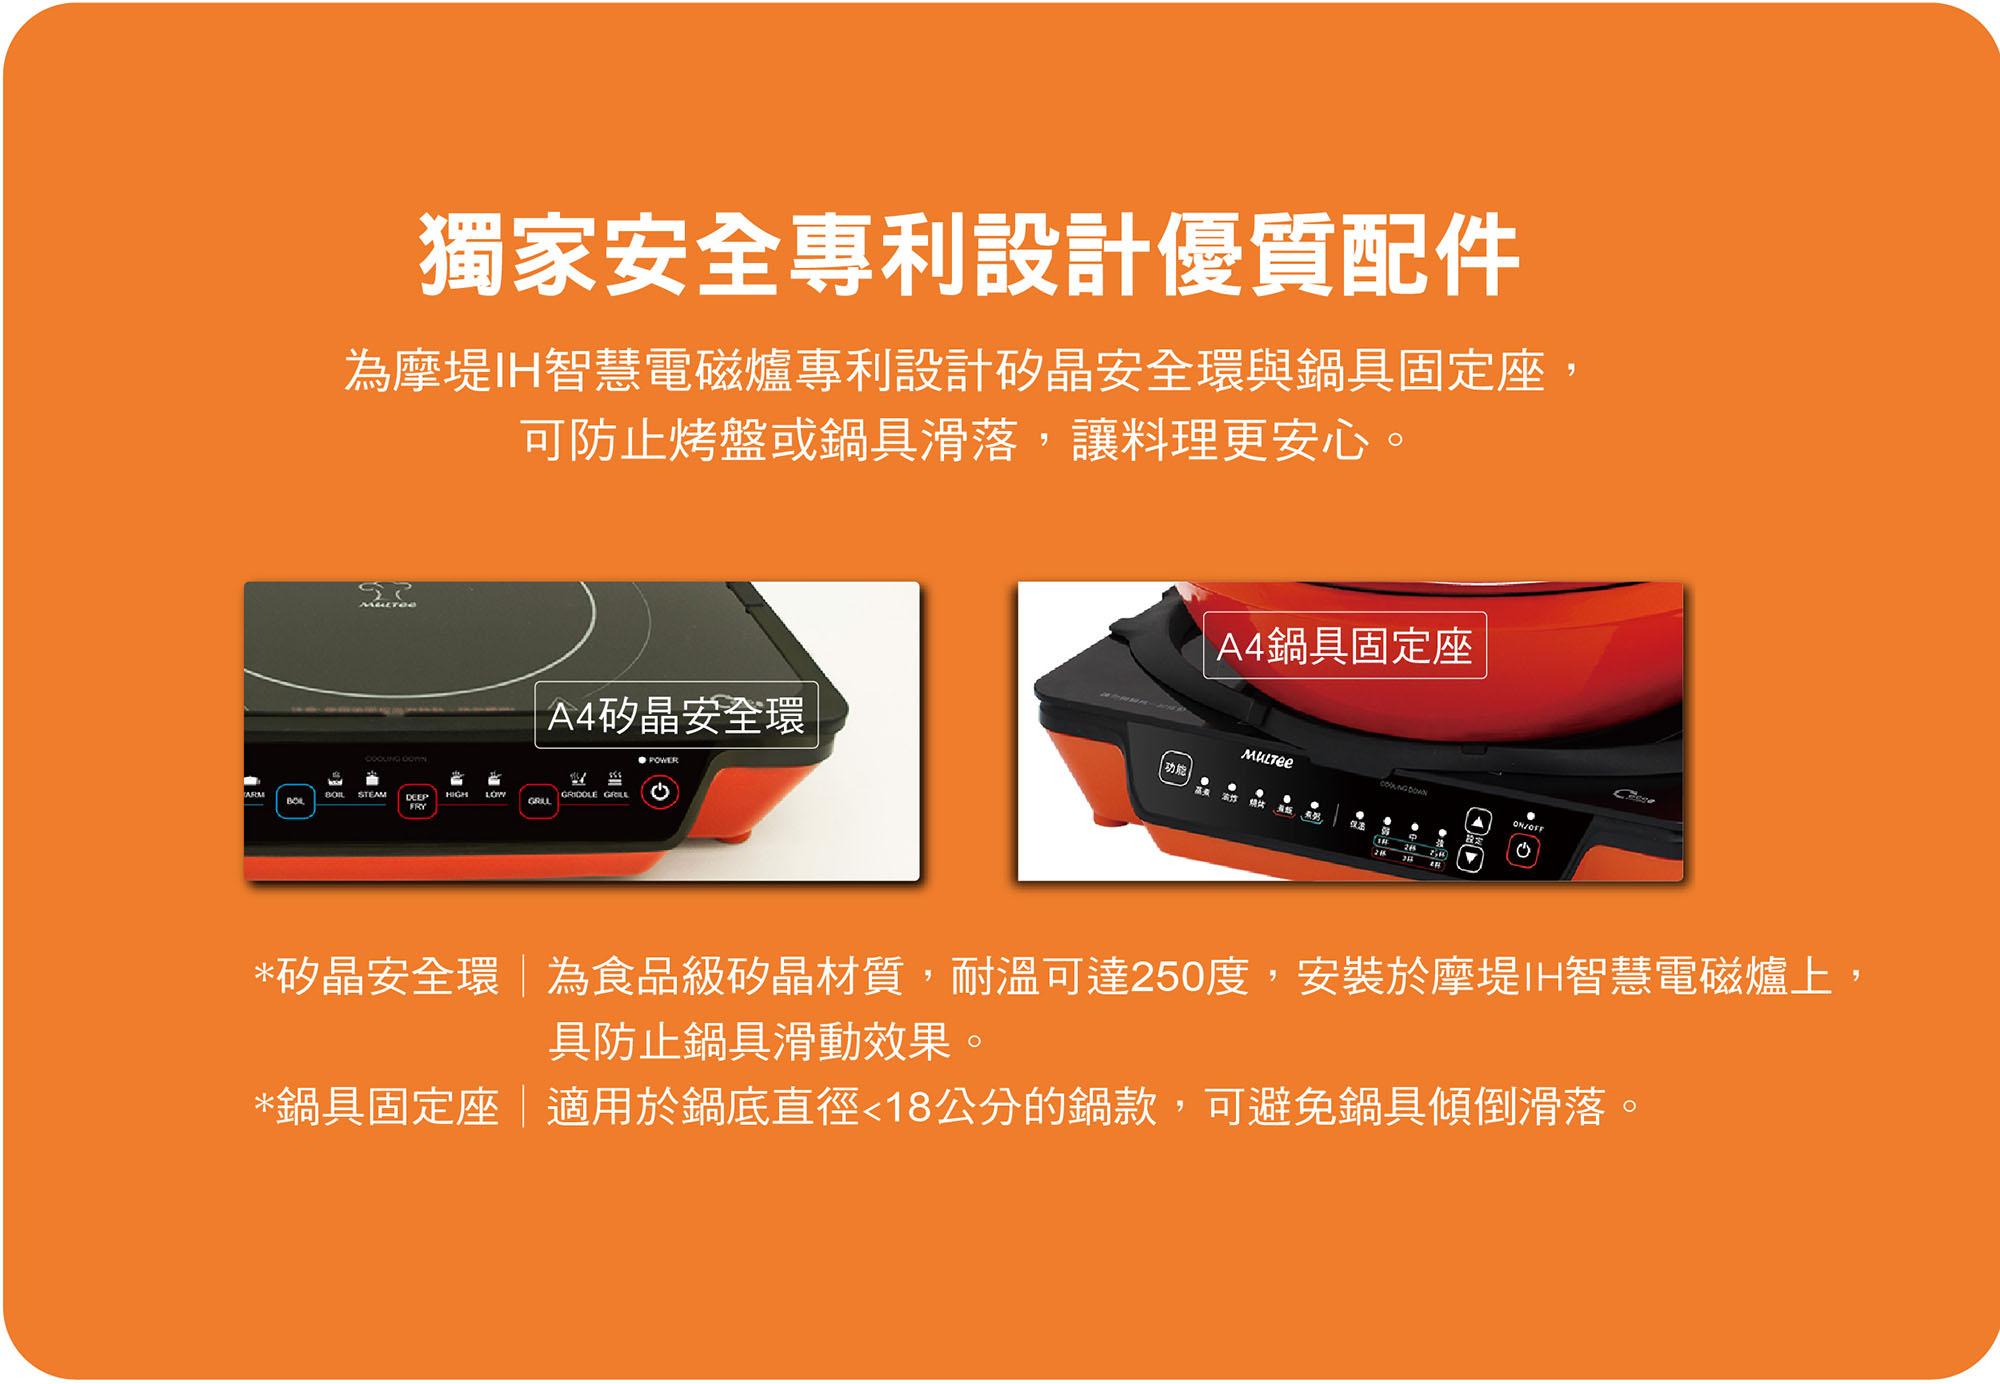 A4 PLUS 800-10.jpg